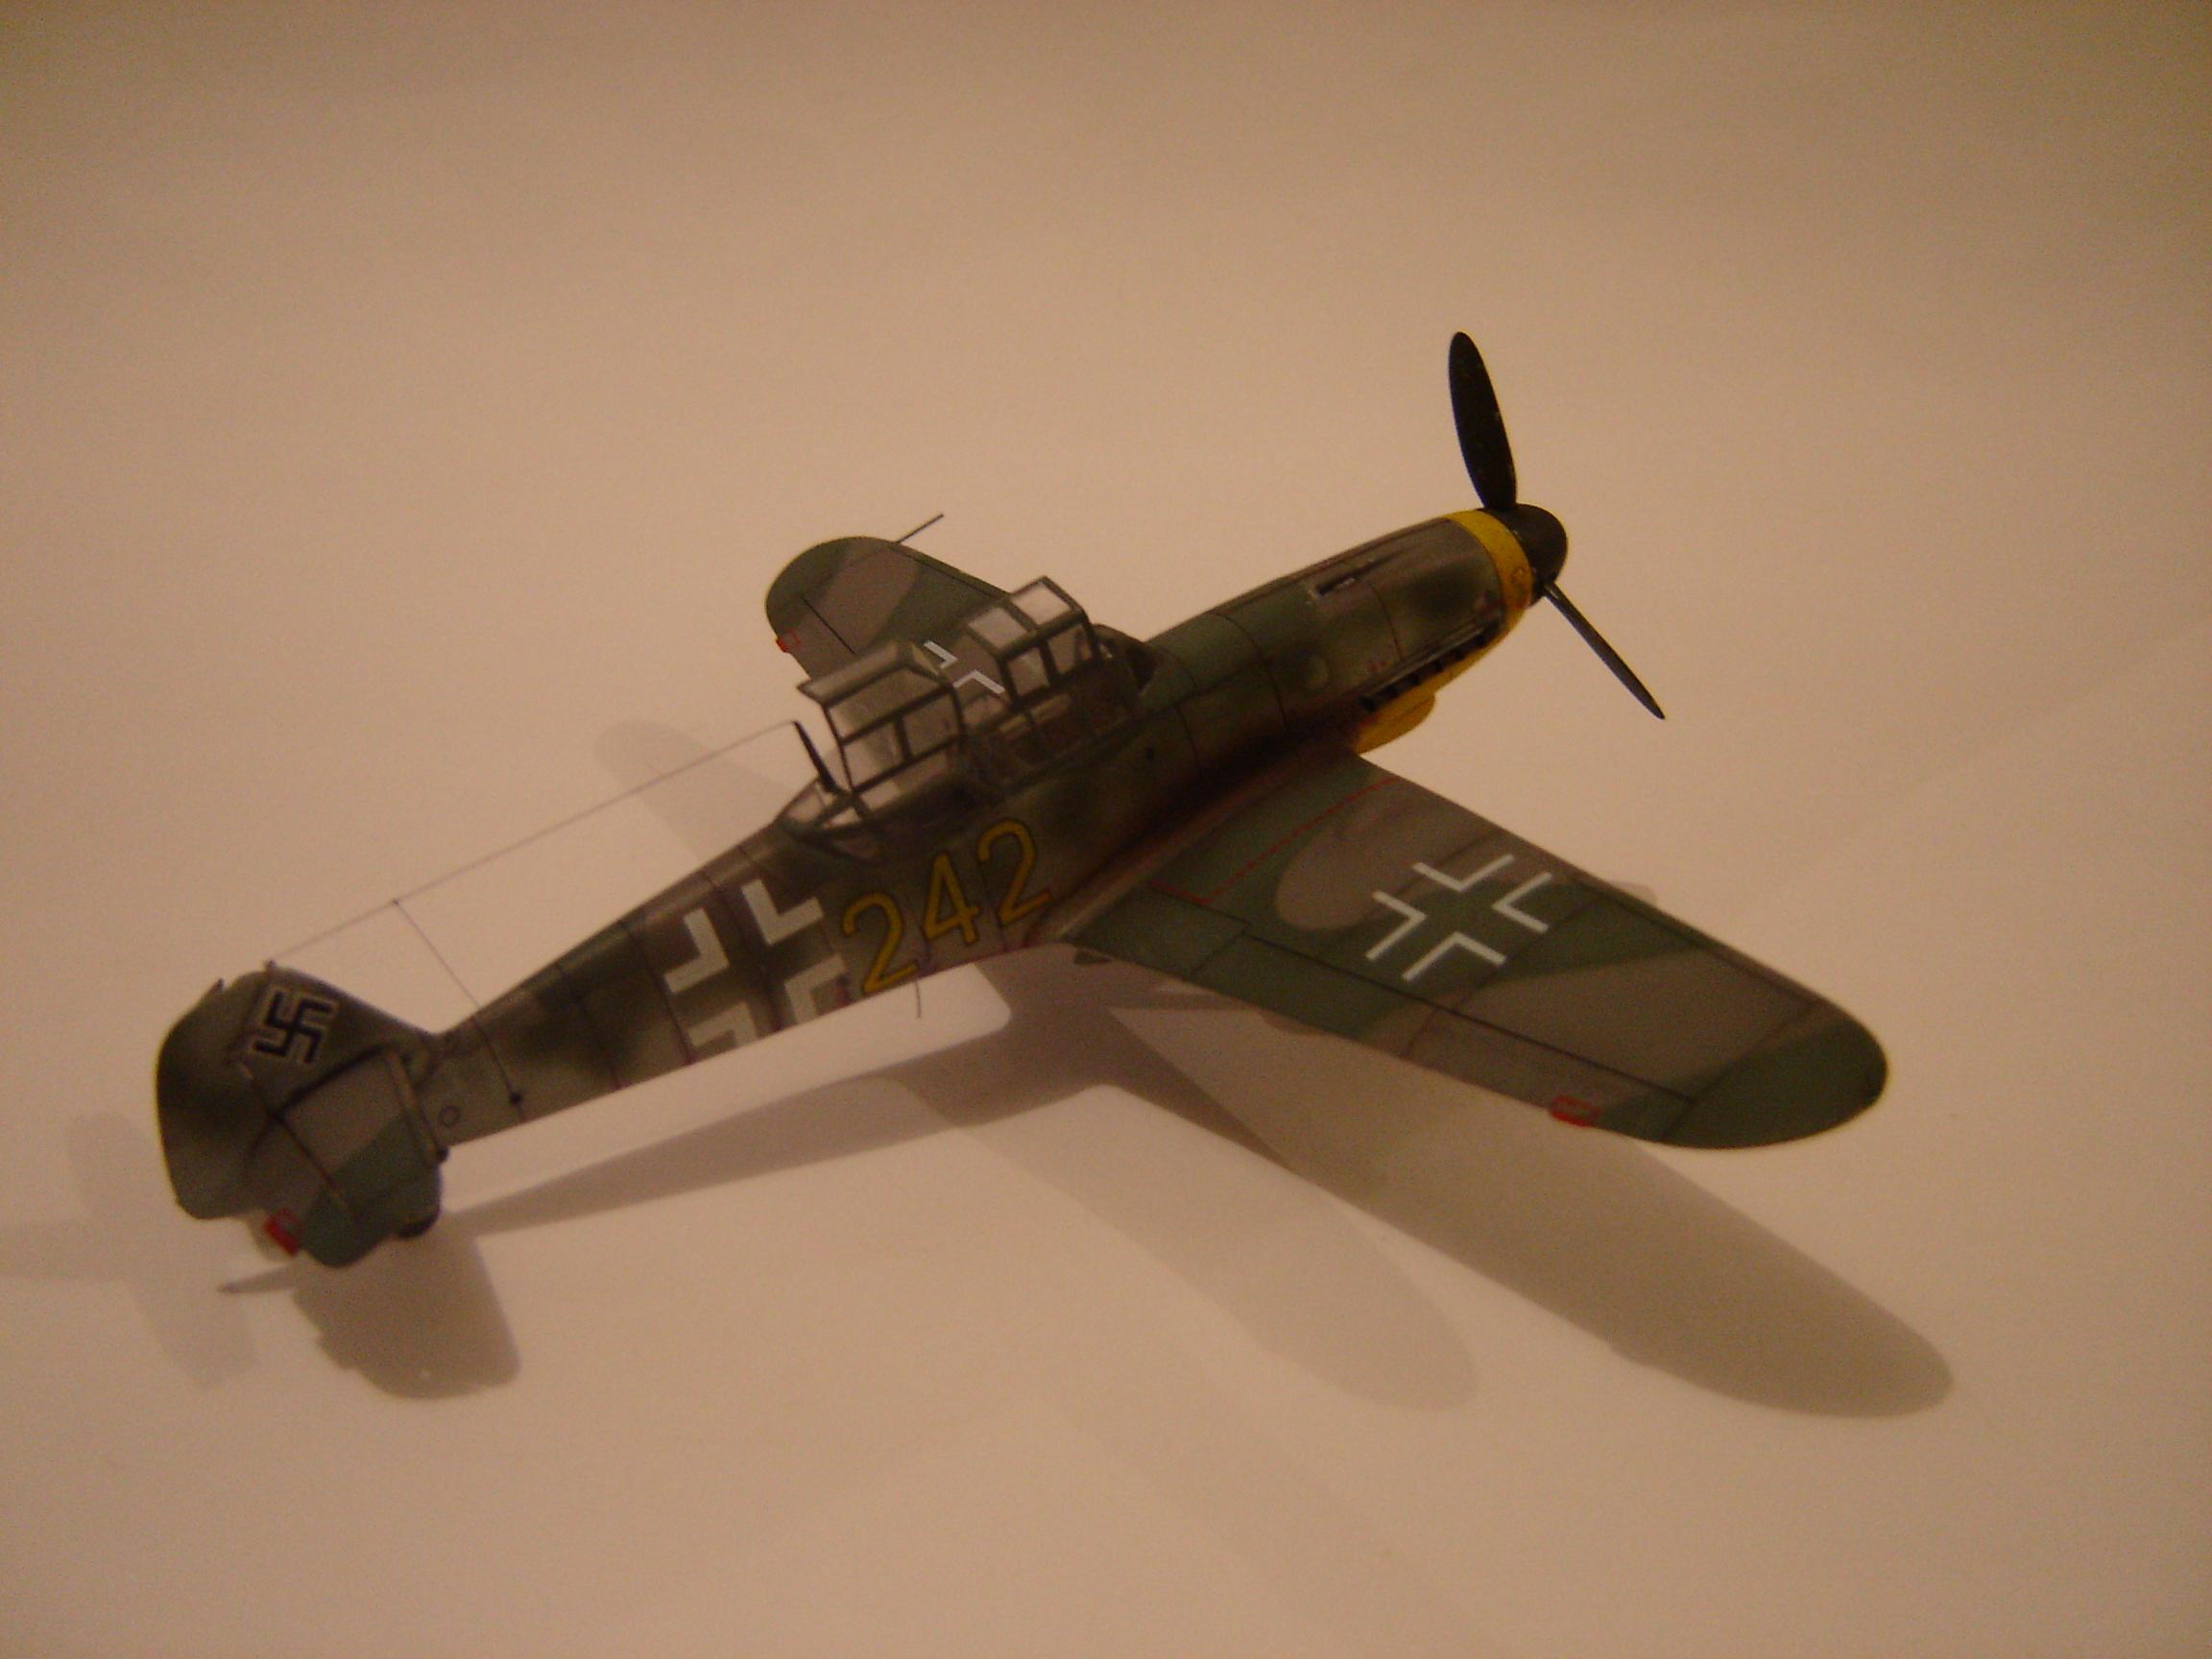 Messhersmitt ME 109 G-12 (14)